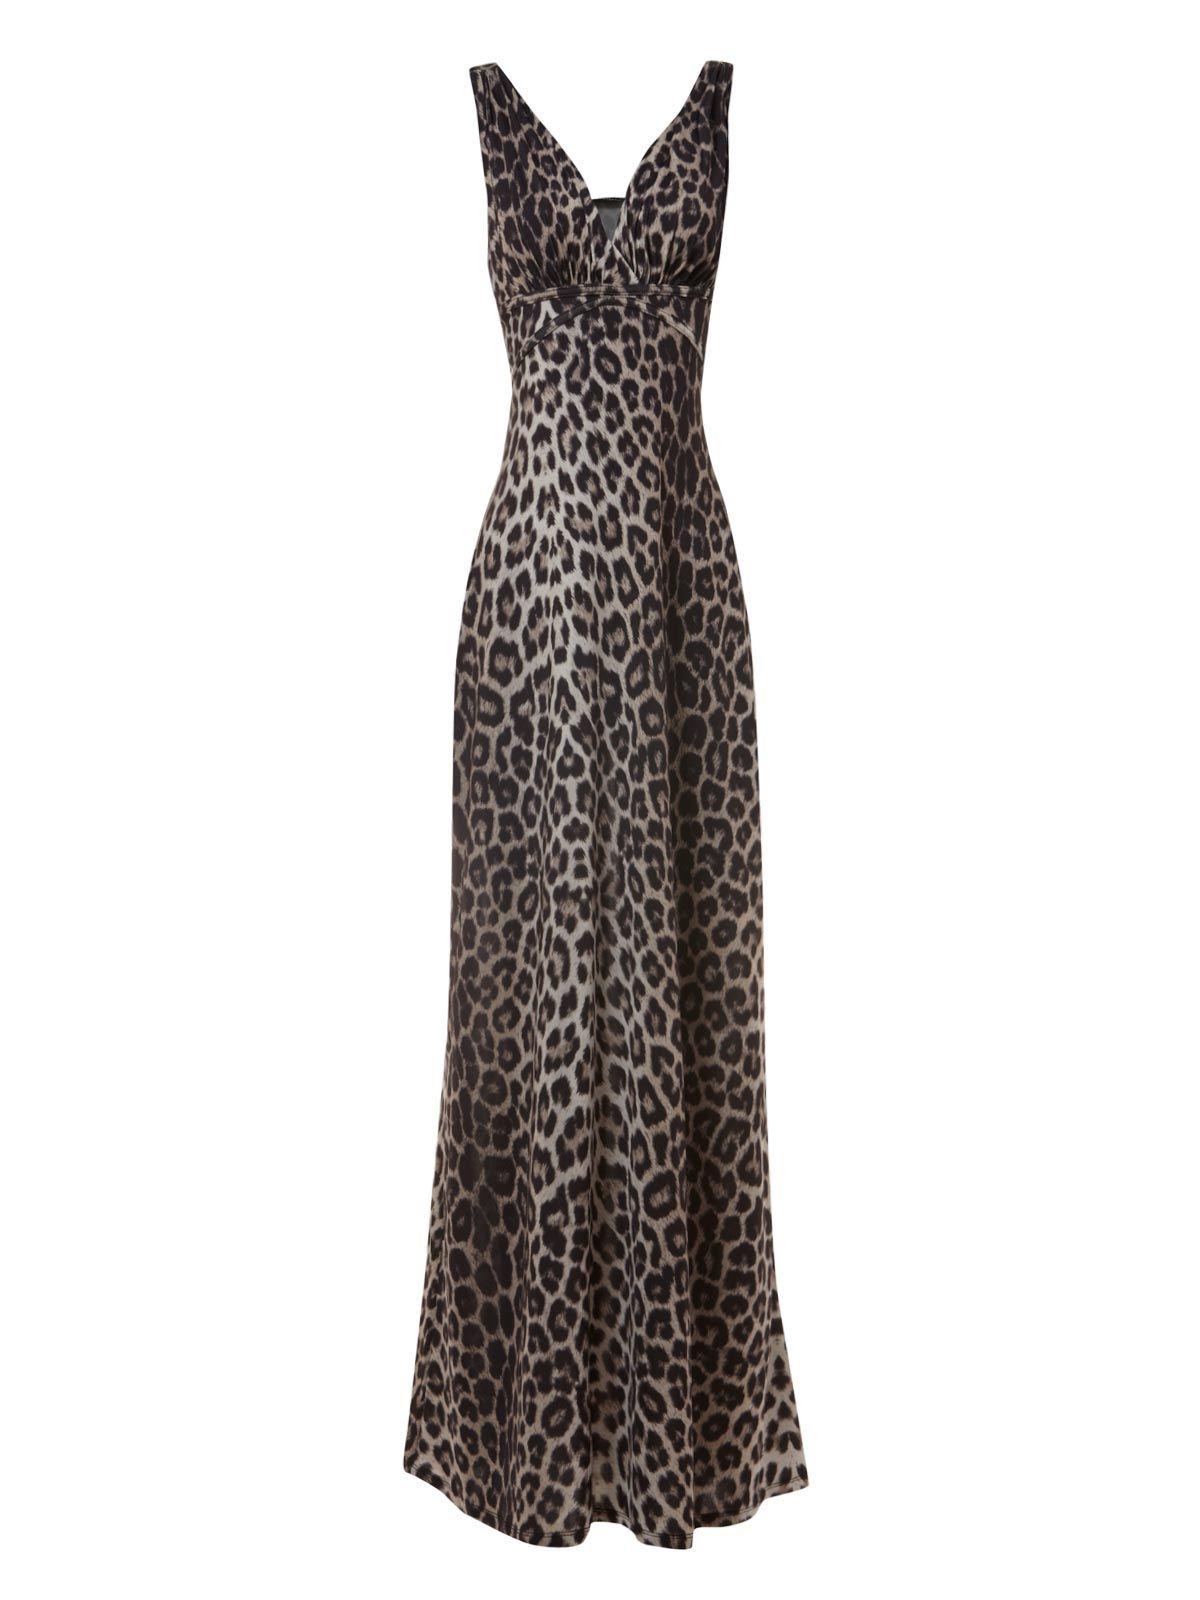 Leopard Print Maxi Dress 50 From Jane Norman Maxi Dress Leopard Print Maxi Dress Neutral Dresses